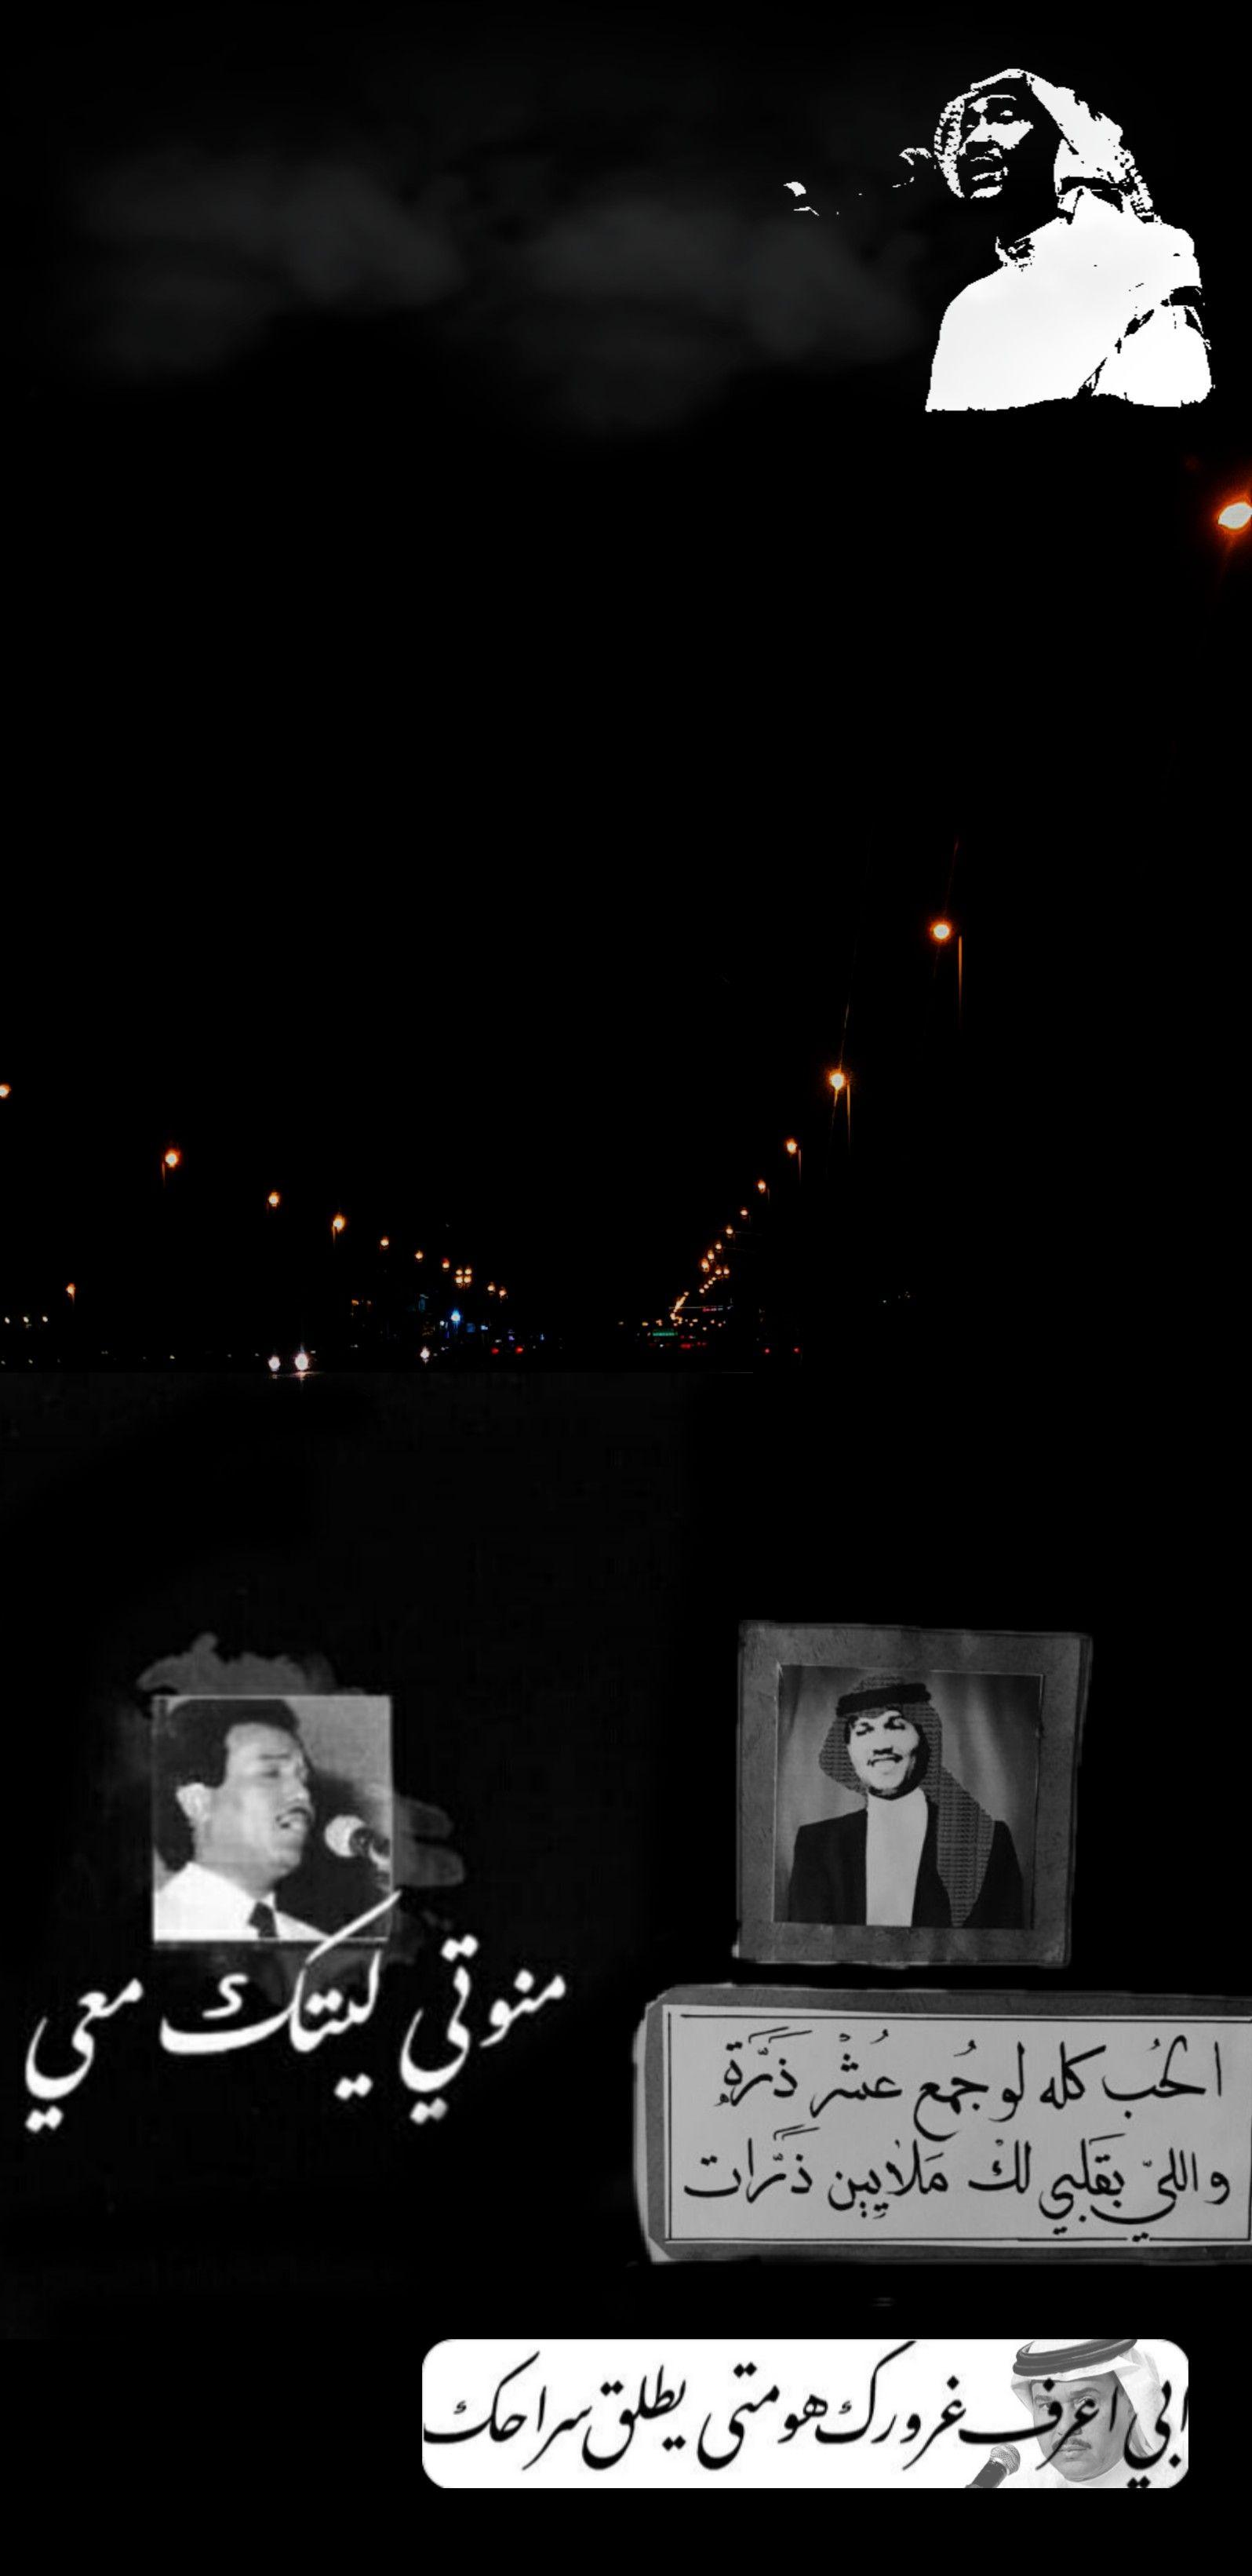 Freetoedit محمد عبده طرب عبادي عباديات طلاليات عبادي الجوهر طلال مداح فنان Iphone Wallpaper Quotes Love Love Quotes Wallpaper Wallpaper Iphone Quotes